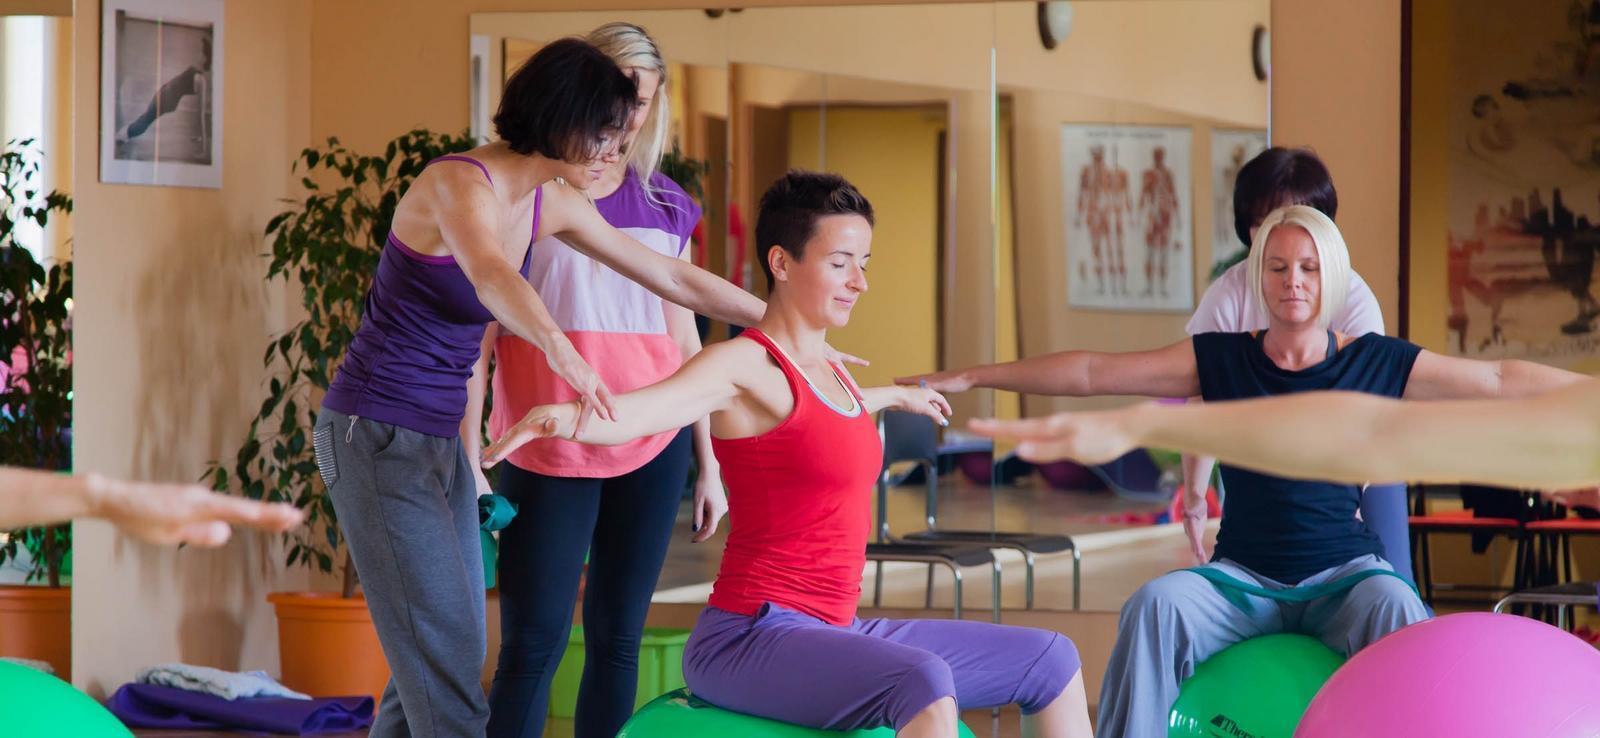 pilates-w-rehabilitacji